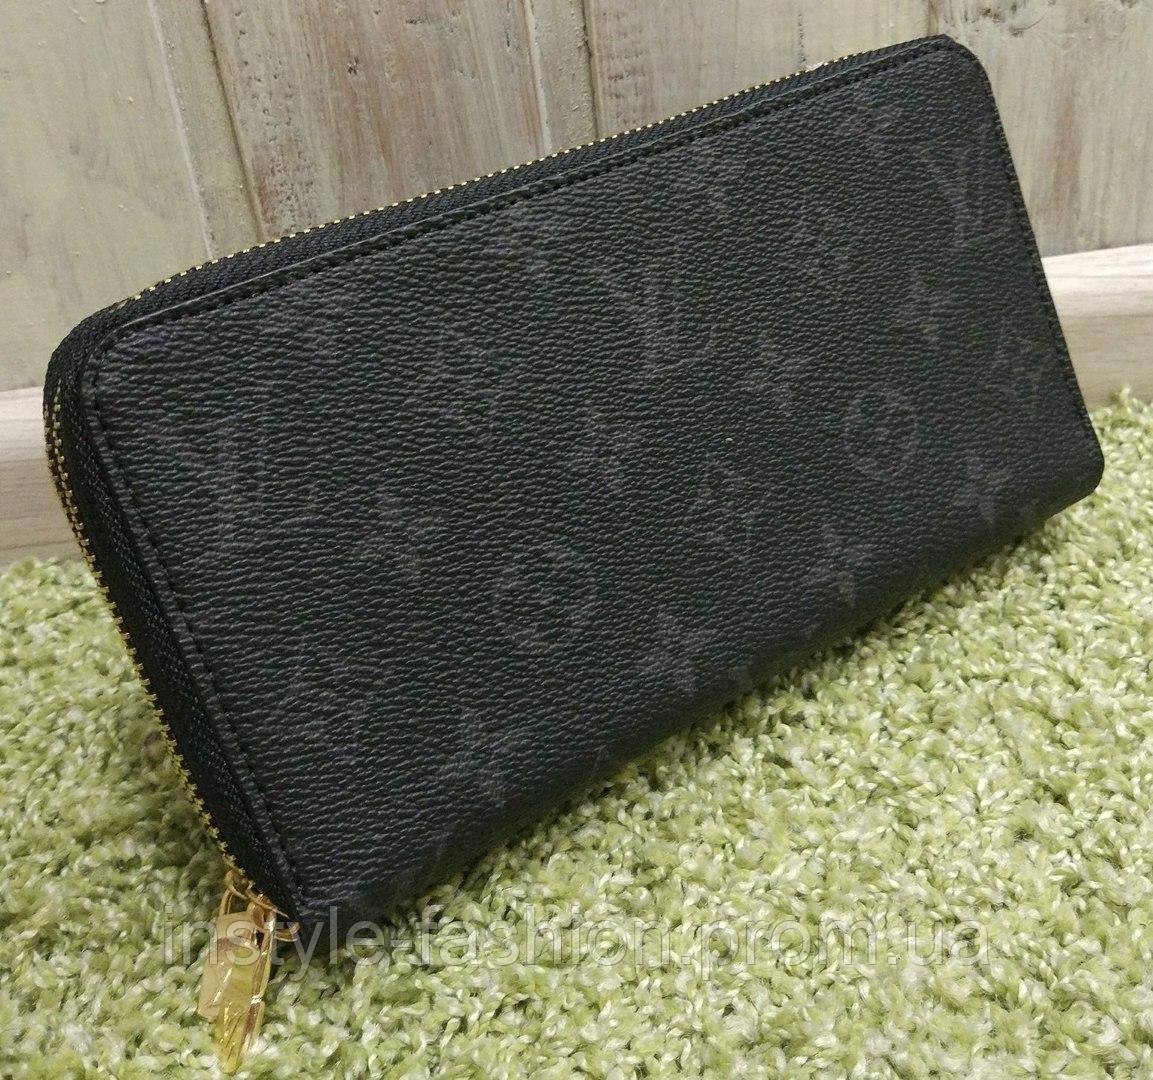 70993f32ace3 Кошелек женский брендовый Louis Vuitton Луи Виттон на две змейки черный -  Сумки брендовые, кошельки